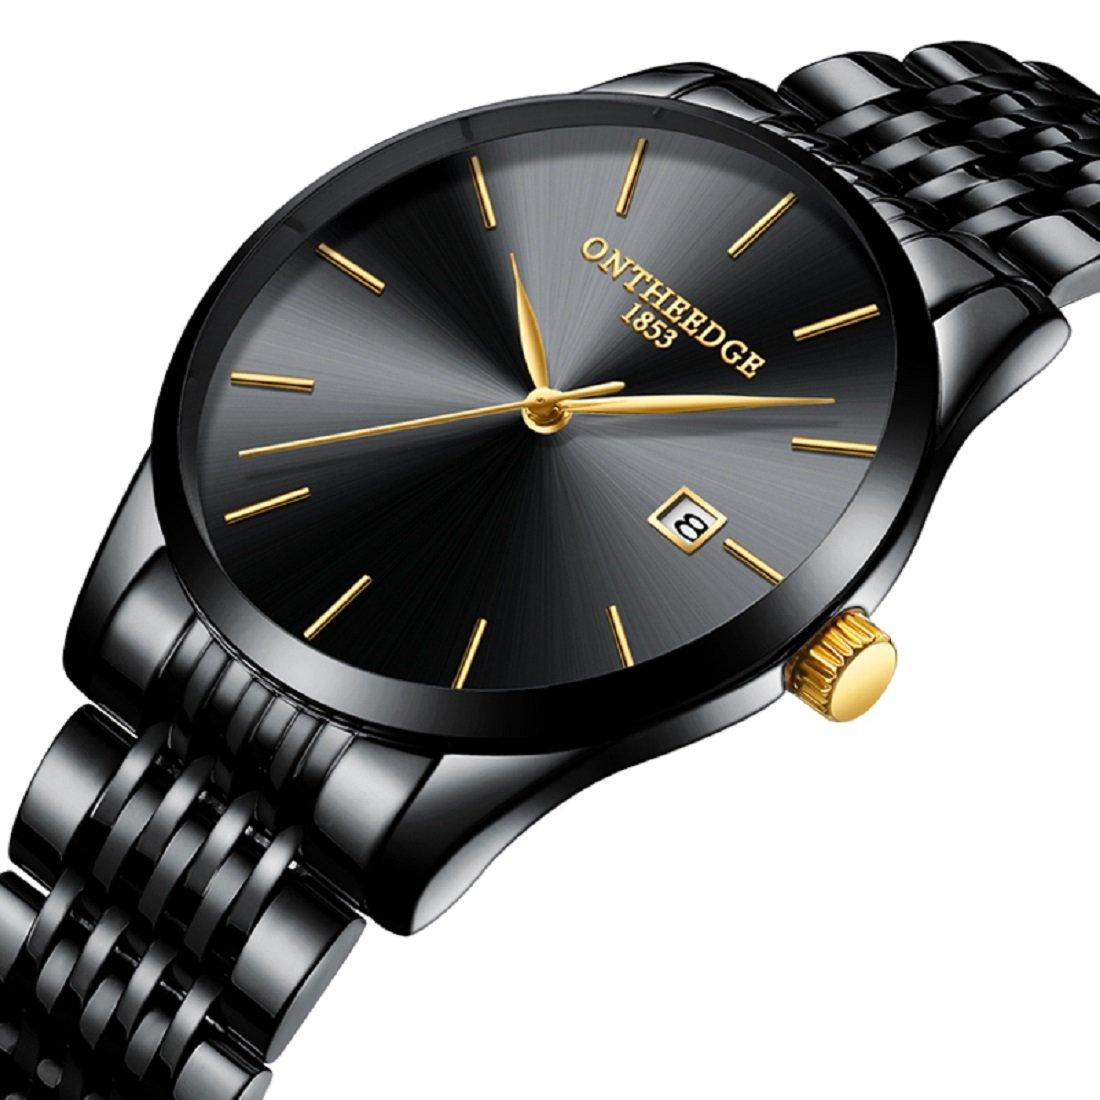 Yelovemei Waterproof Watch Quartz Wristwatch Business Dress Men's Stainless Steel Watch (Black)